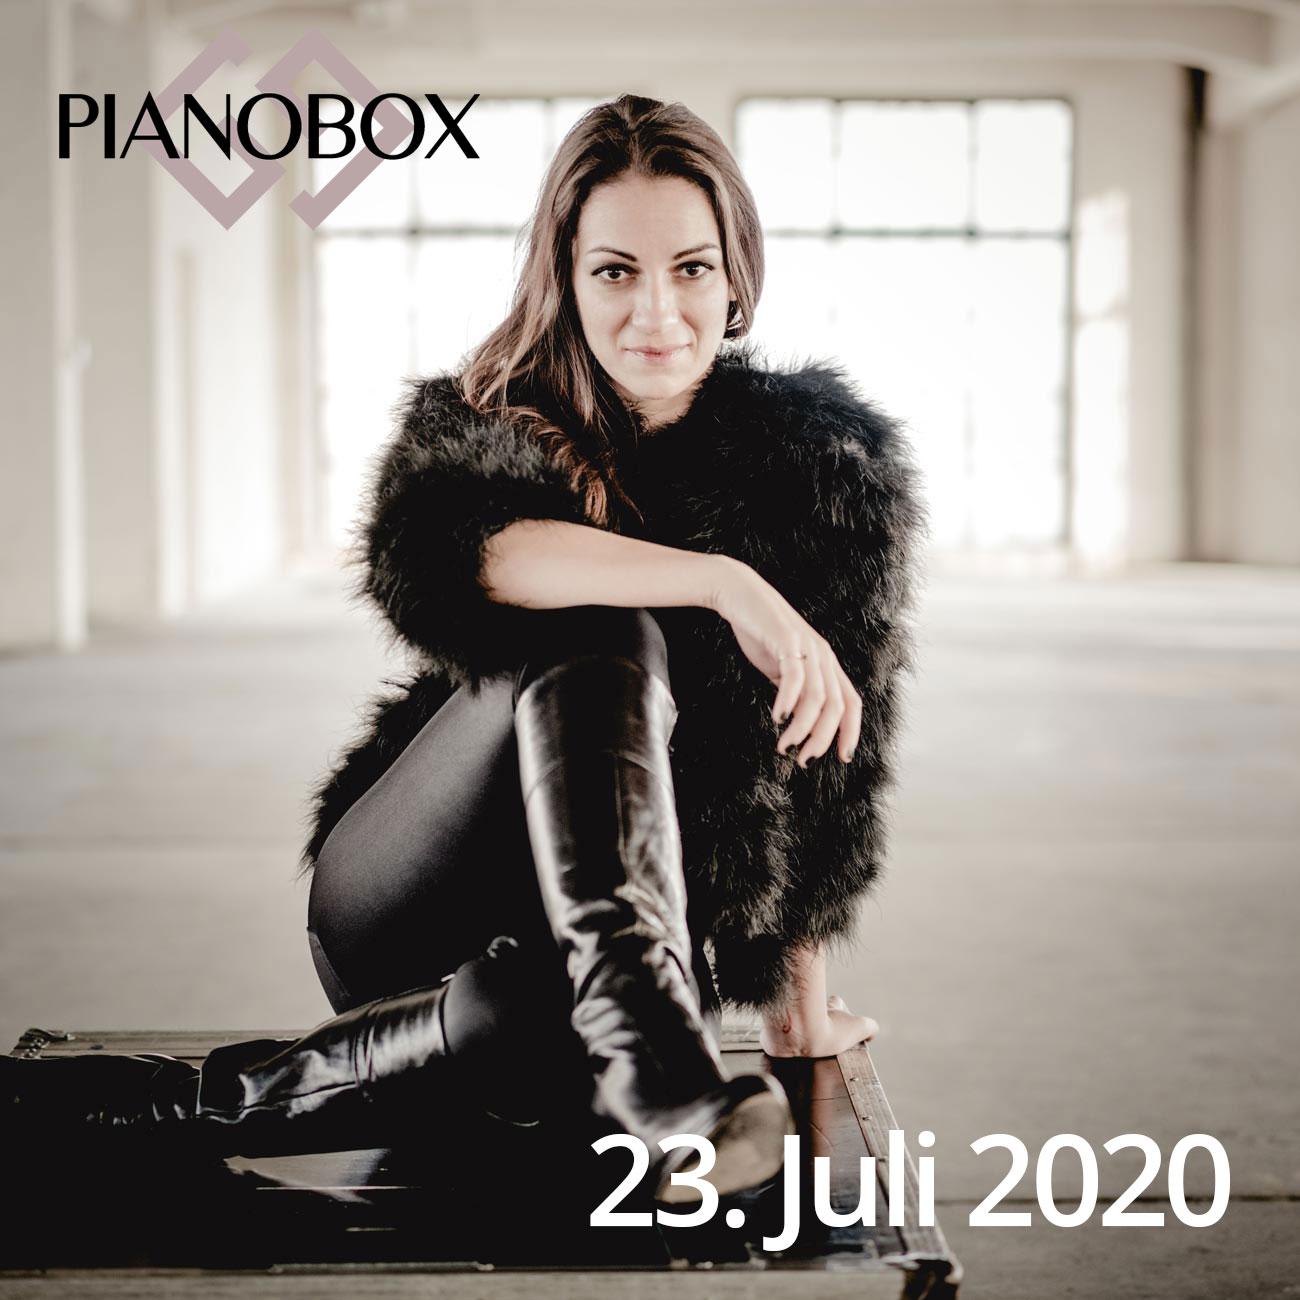 pianobox-23-7-2020